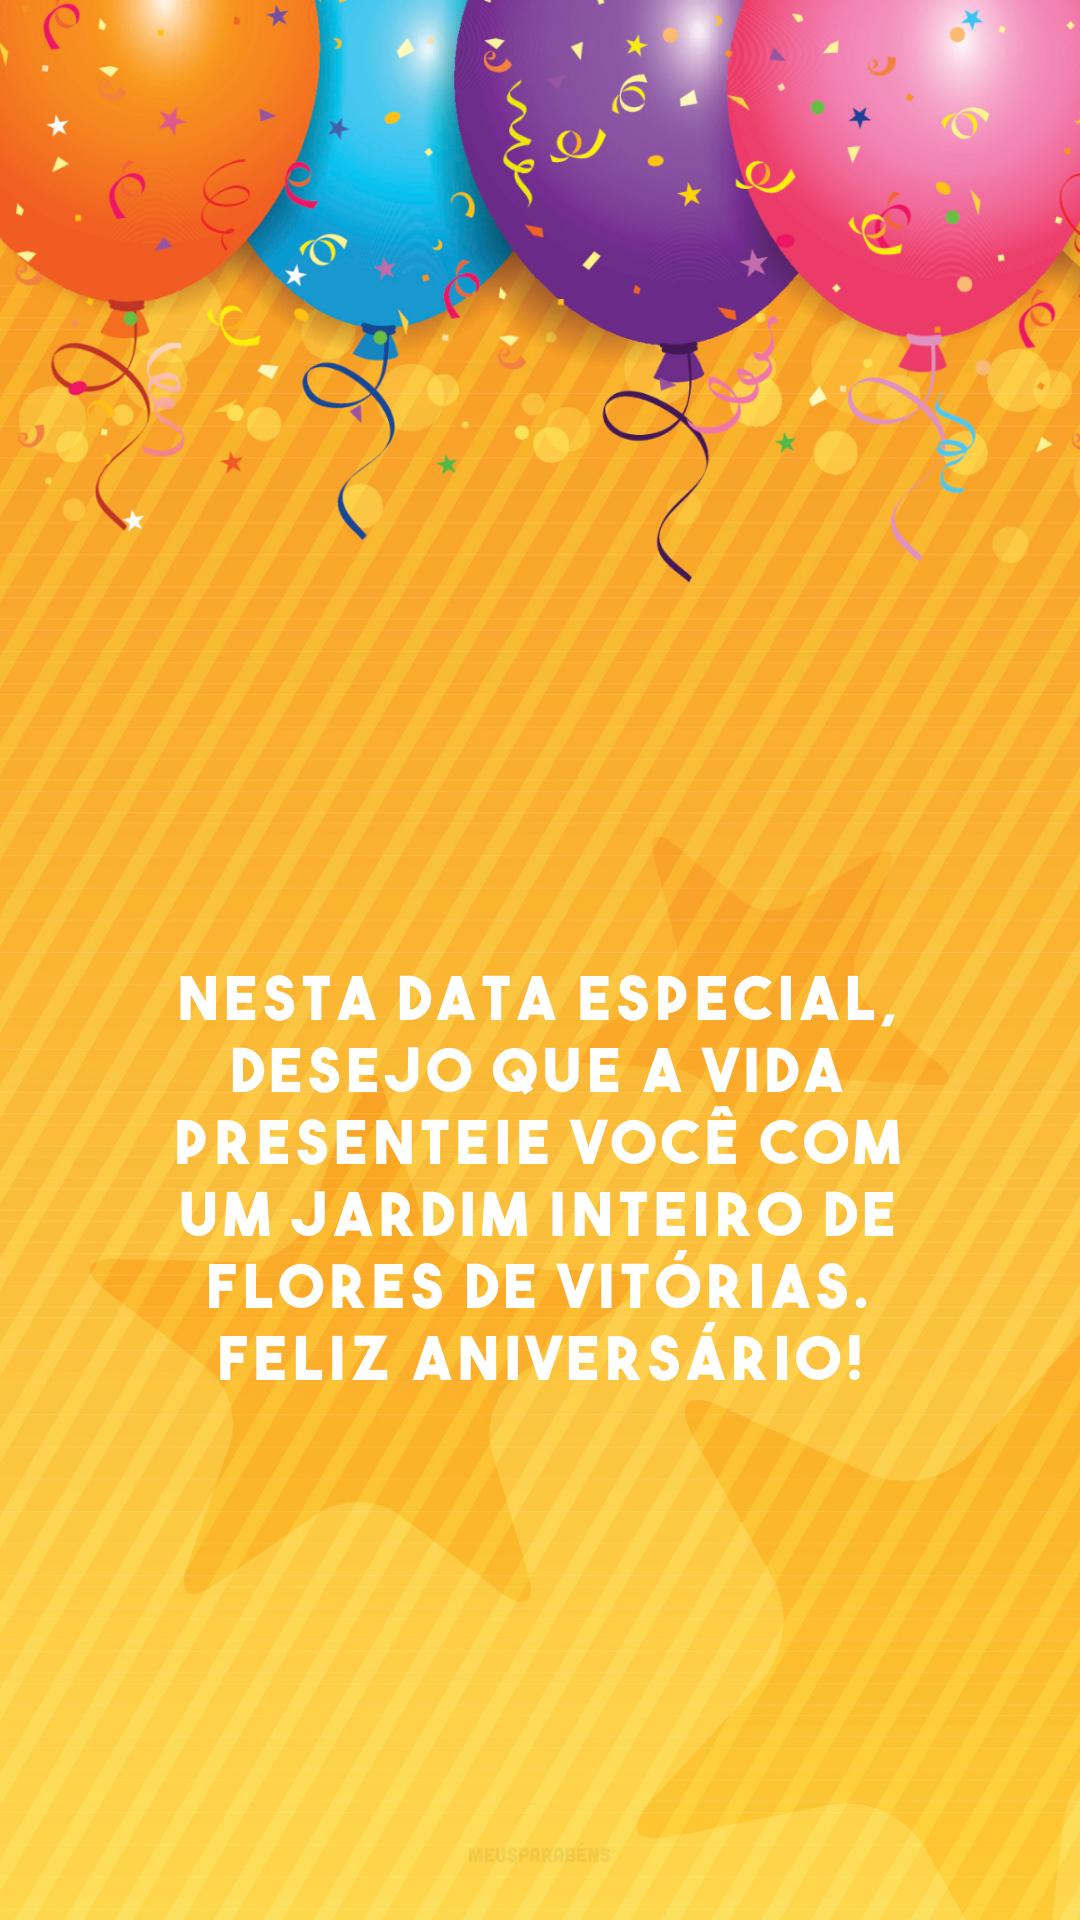 Nesta data especial, desejo que a vida presenteie você com um jardim inteiro de flores de vitórias. Feliz aniversário!